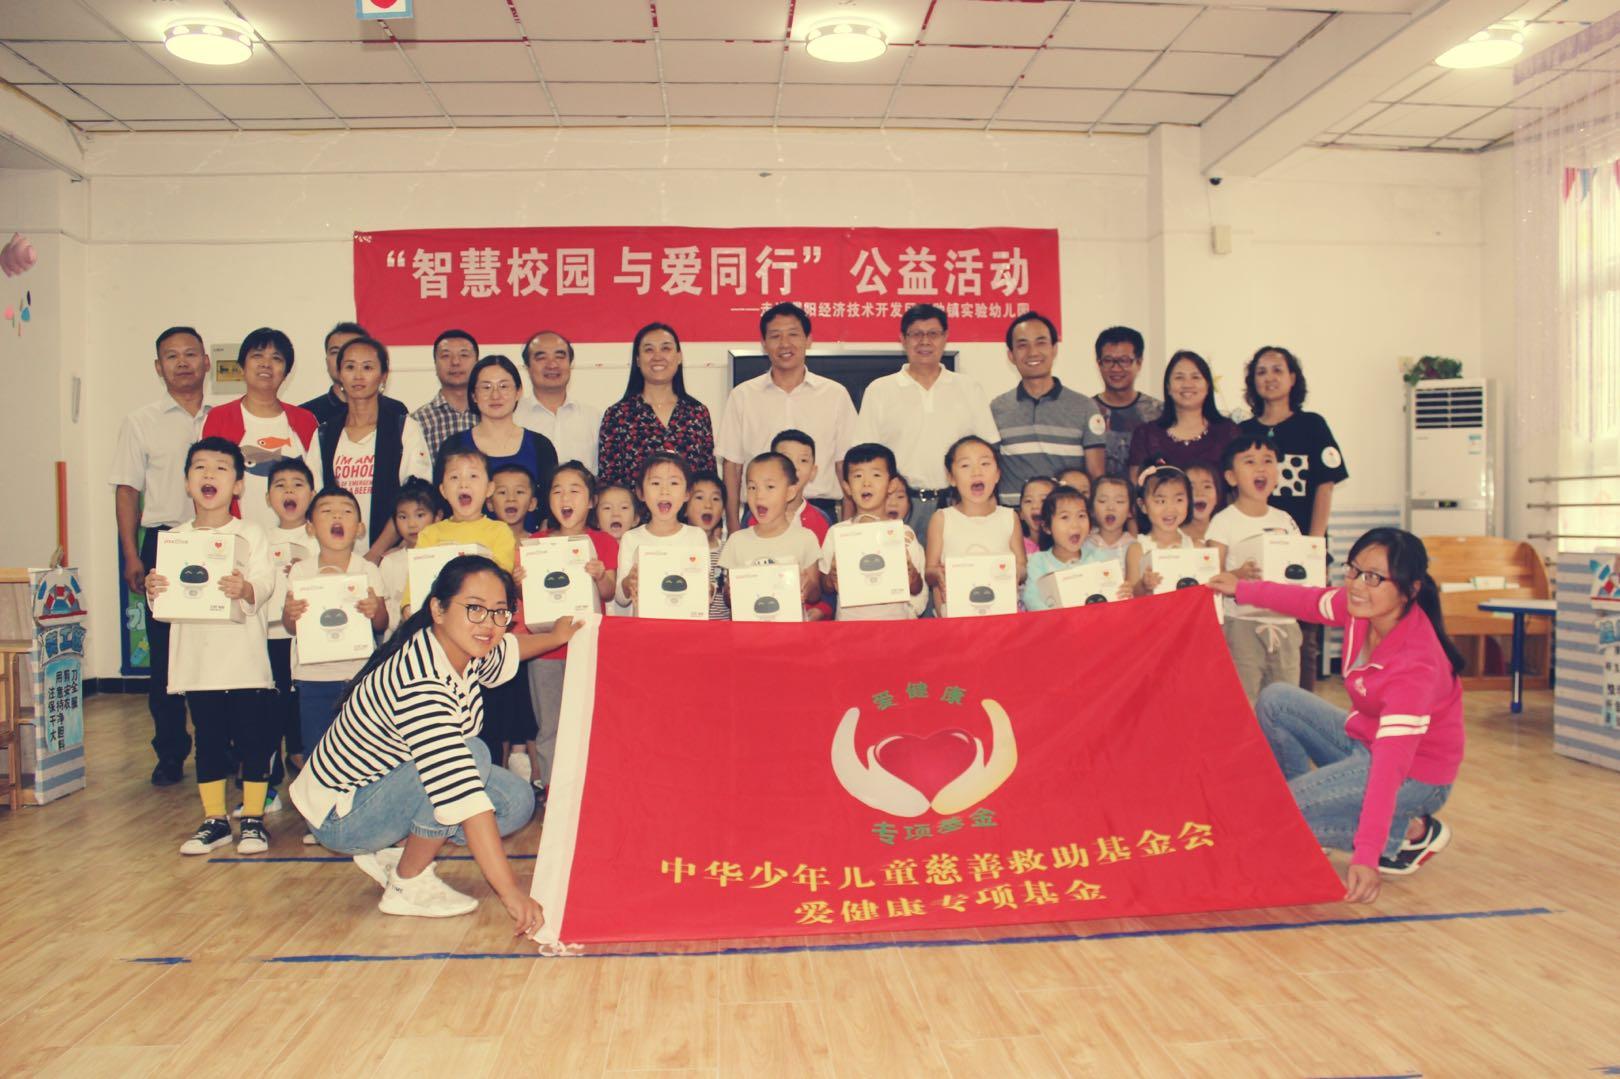 濮阳经济技术开发区王助镇实验幼儿园